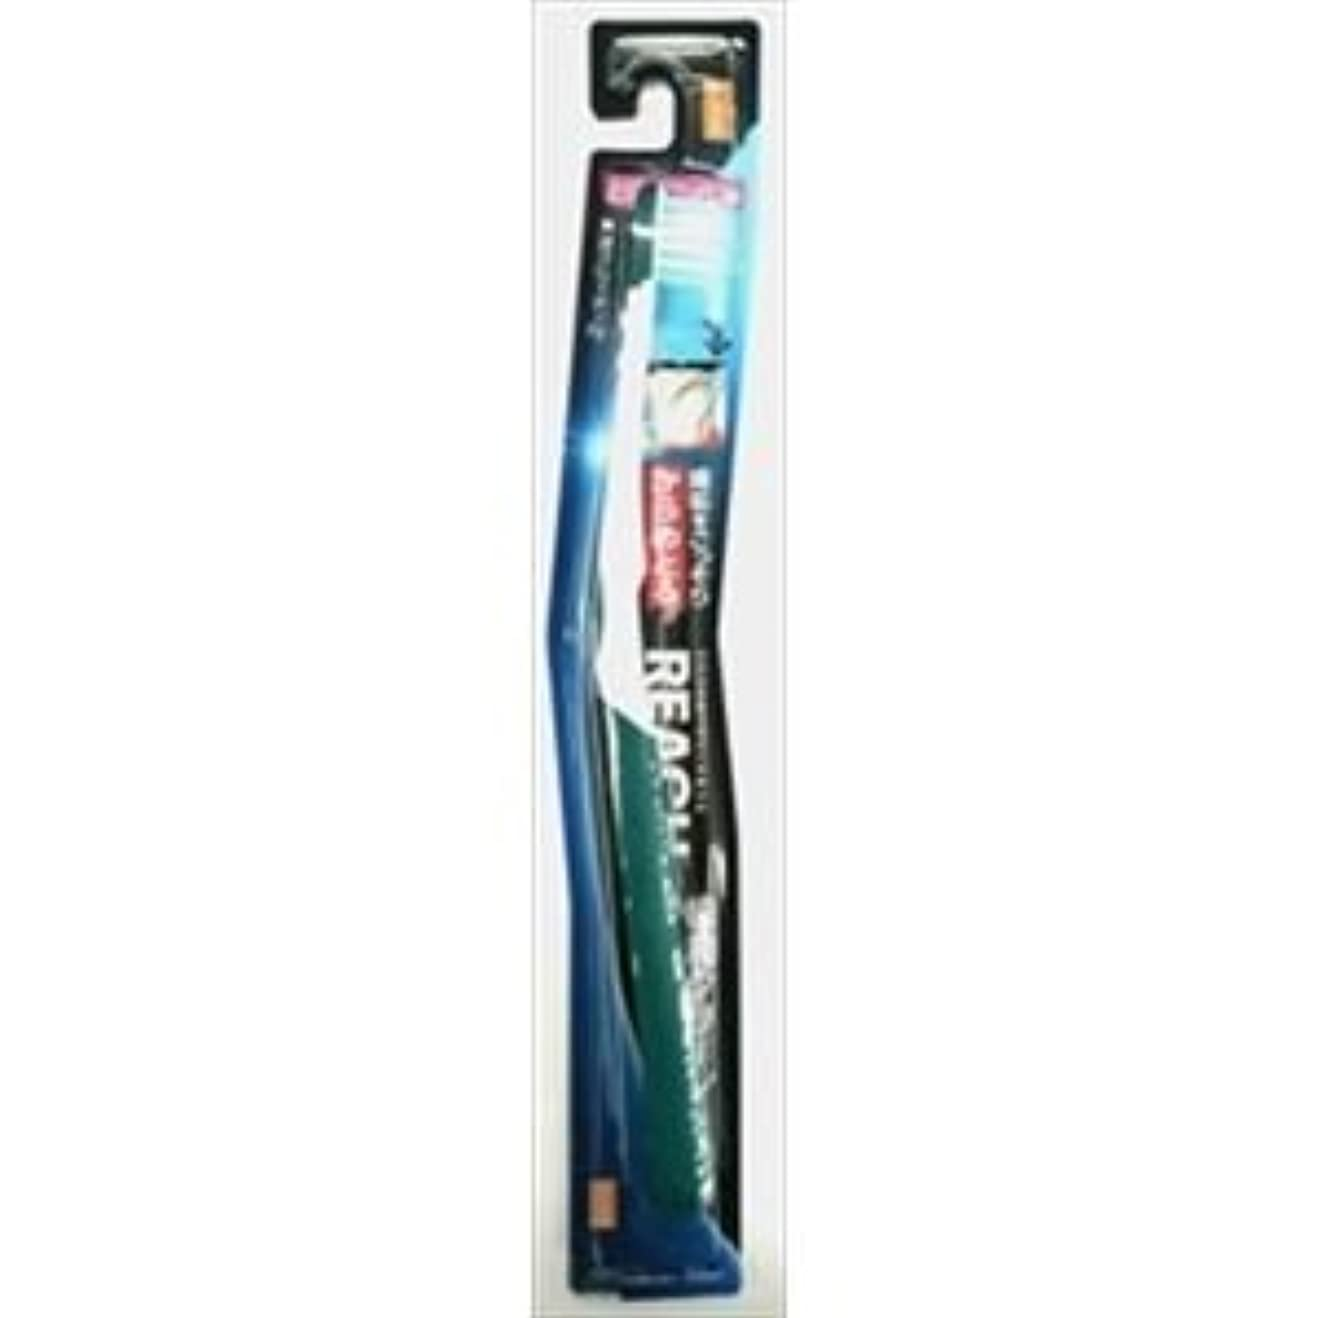 生平らにする海上(まとめ)銀座ステファニー リーチ歯ブラシ リーチ 歯周クリーン とってもコンパクト やわらかめ 【×5点セット】